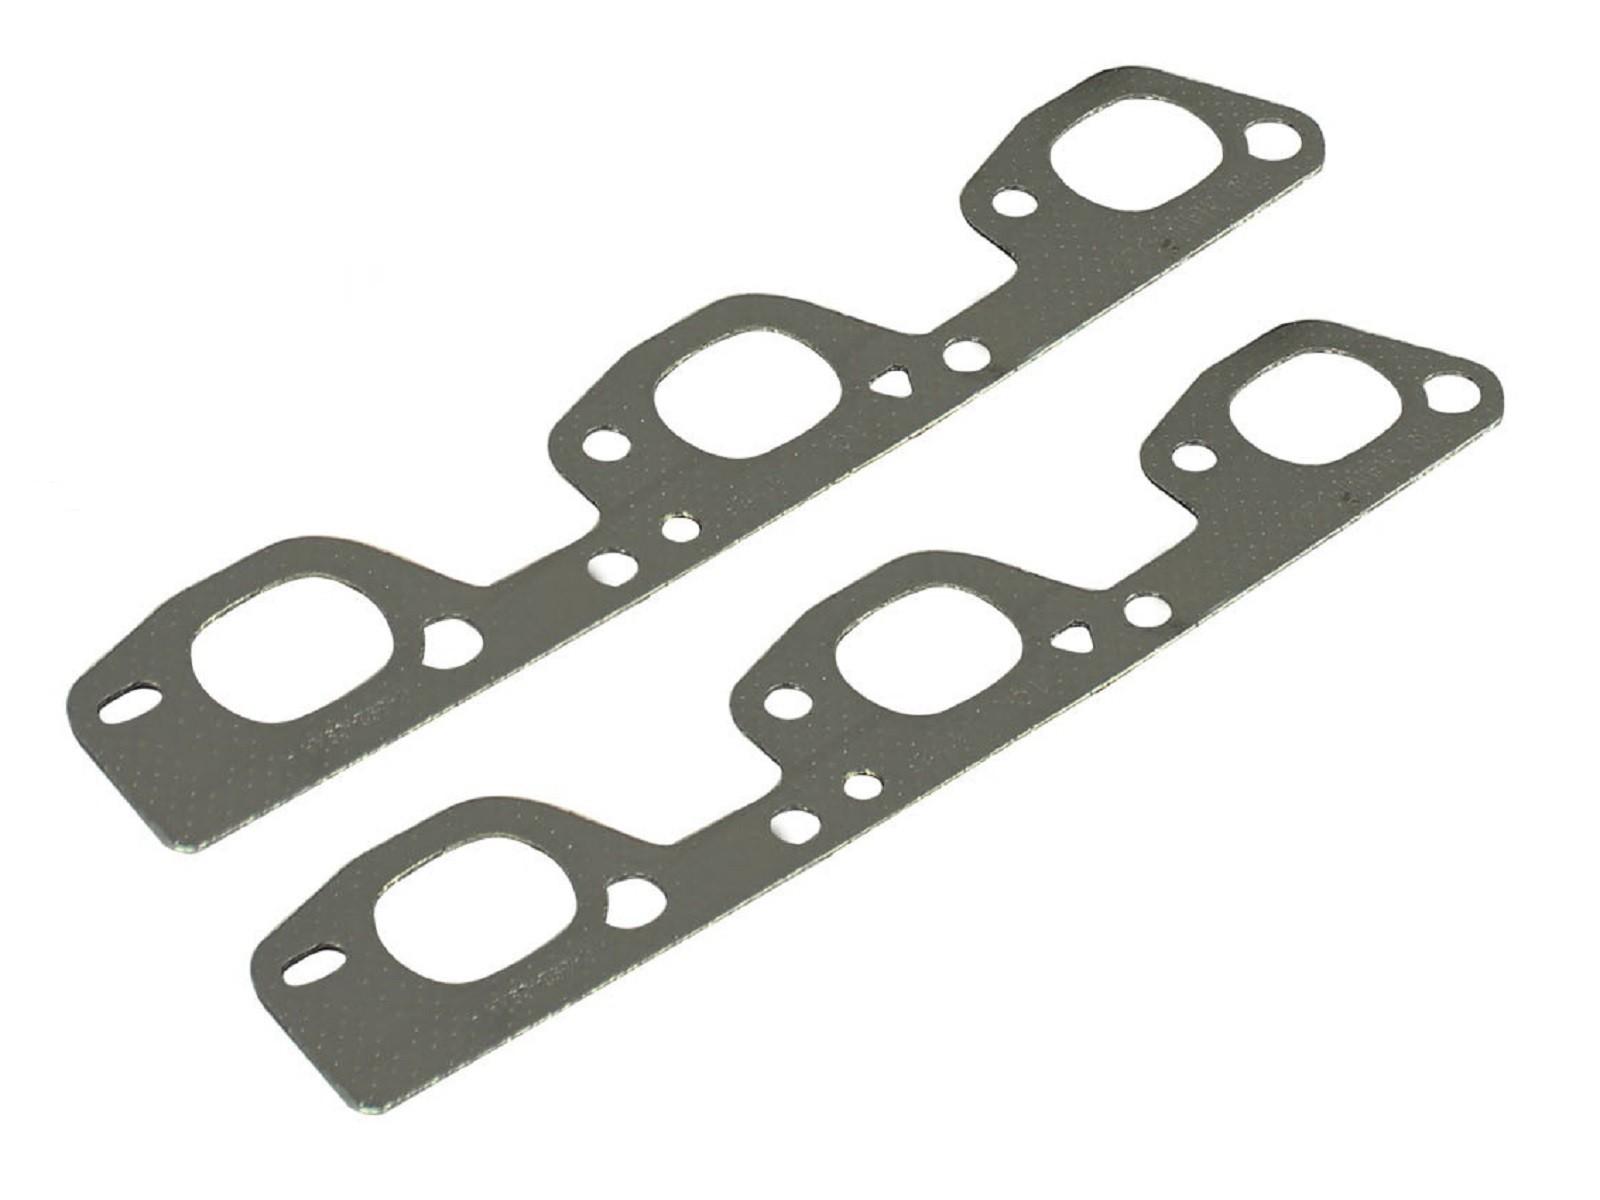 aFe POWER 48-90004 Twisted Steel Header Gasket Kit